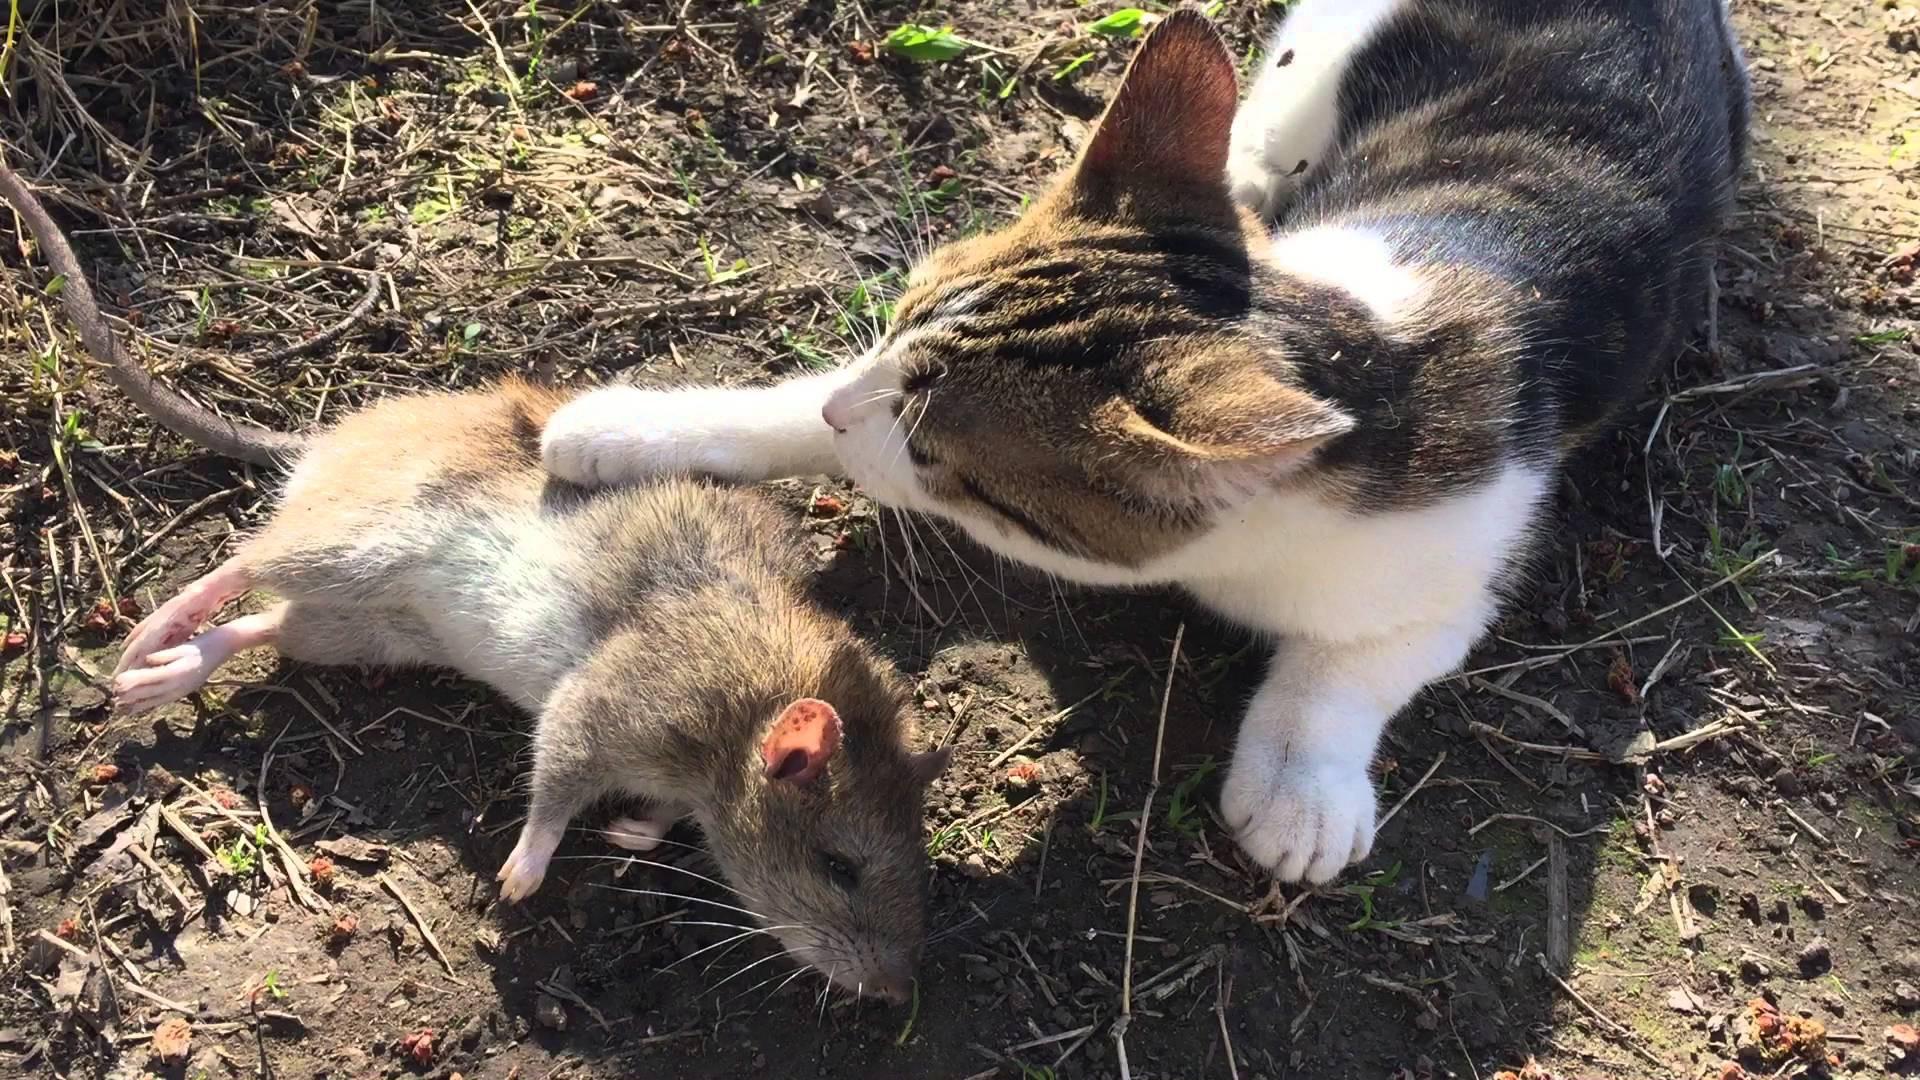 Hóa ra không phải cứ nuôi mèo là bớt chuột - nghịch lý này đã được khoa học chứng minh hẳn hoi - Ảnh 2.